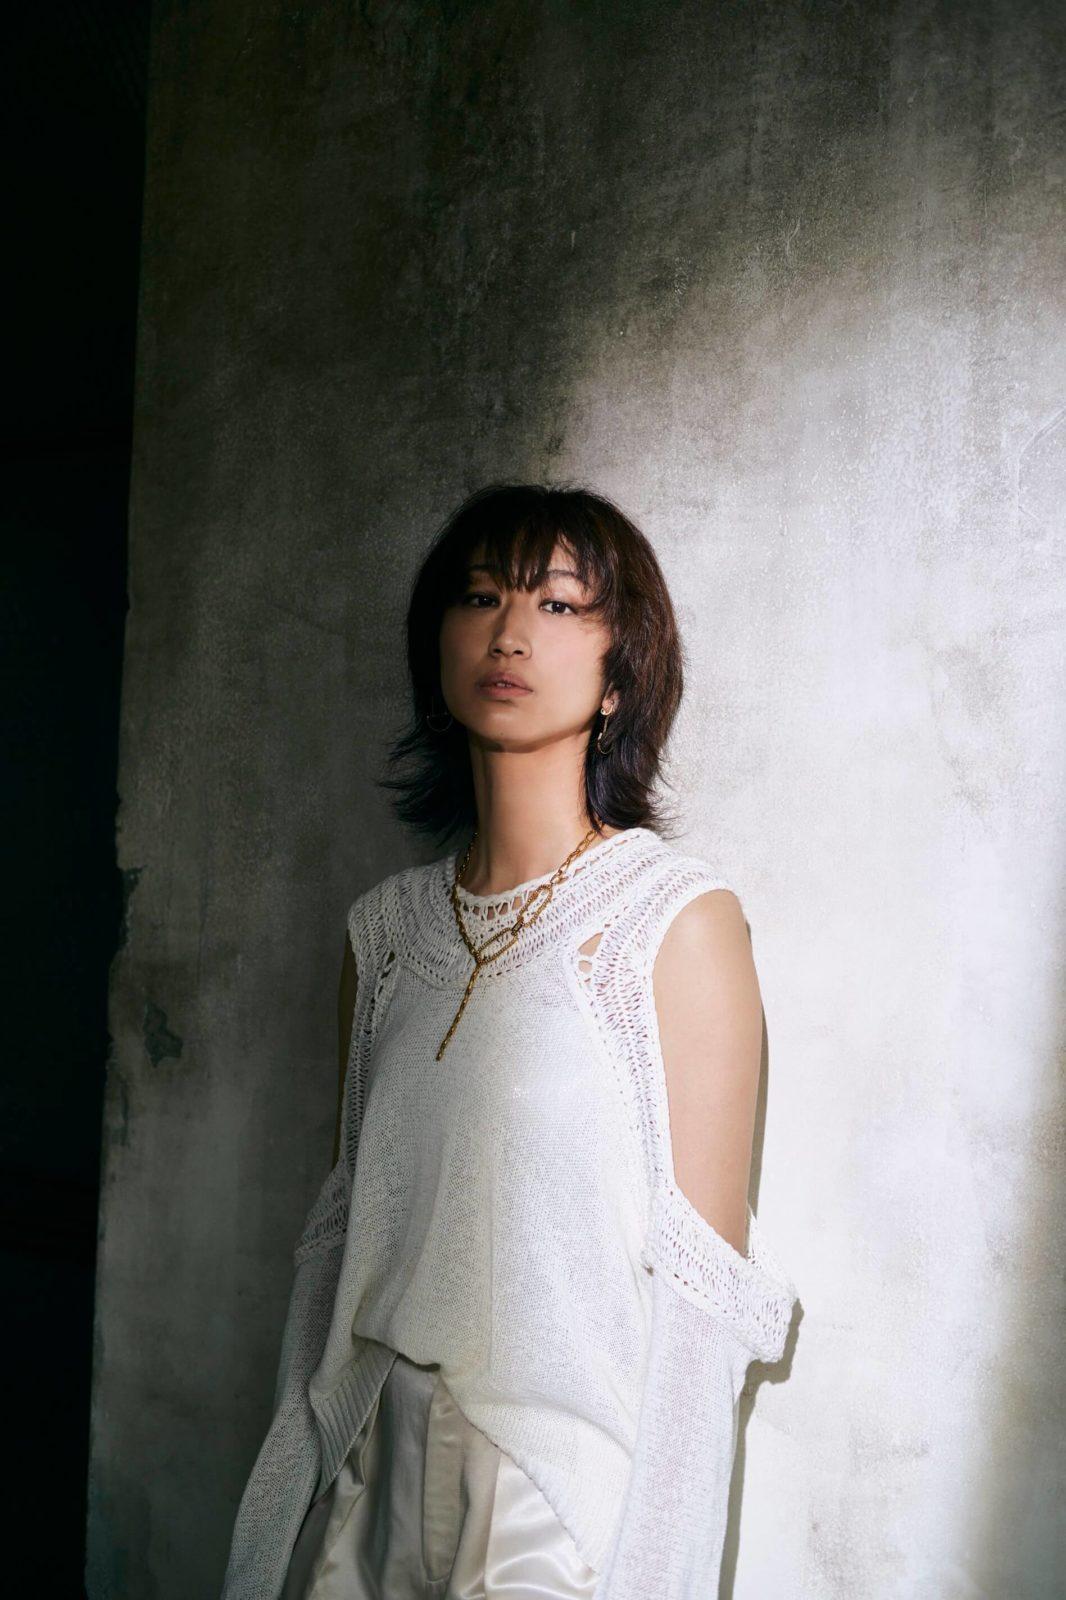 Ms.OOJA、初のファンクラブイベントにて、8月に約1年半ぶりとなるオリジナルアルバムのリリースを発表サムネイル画像